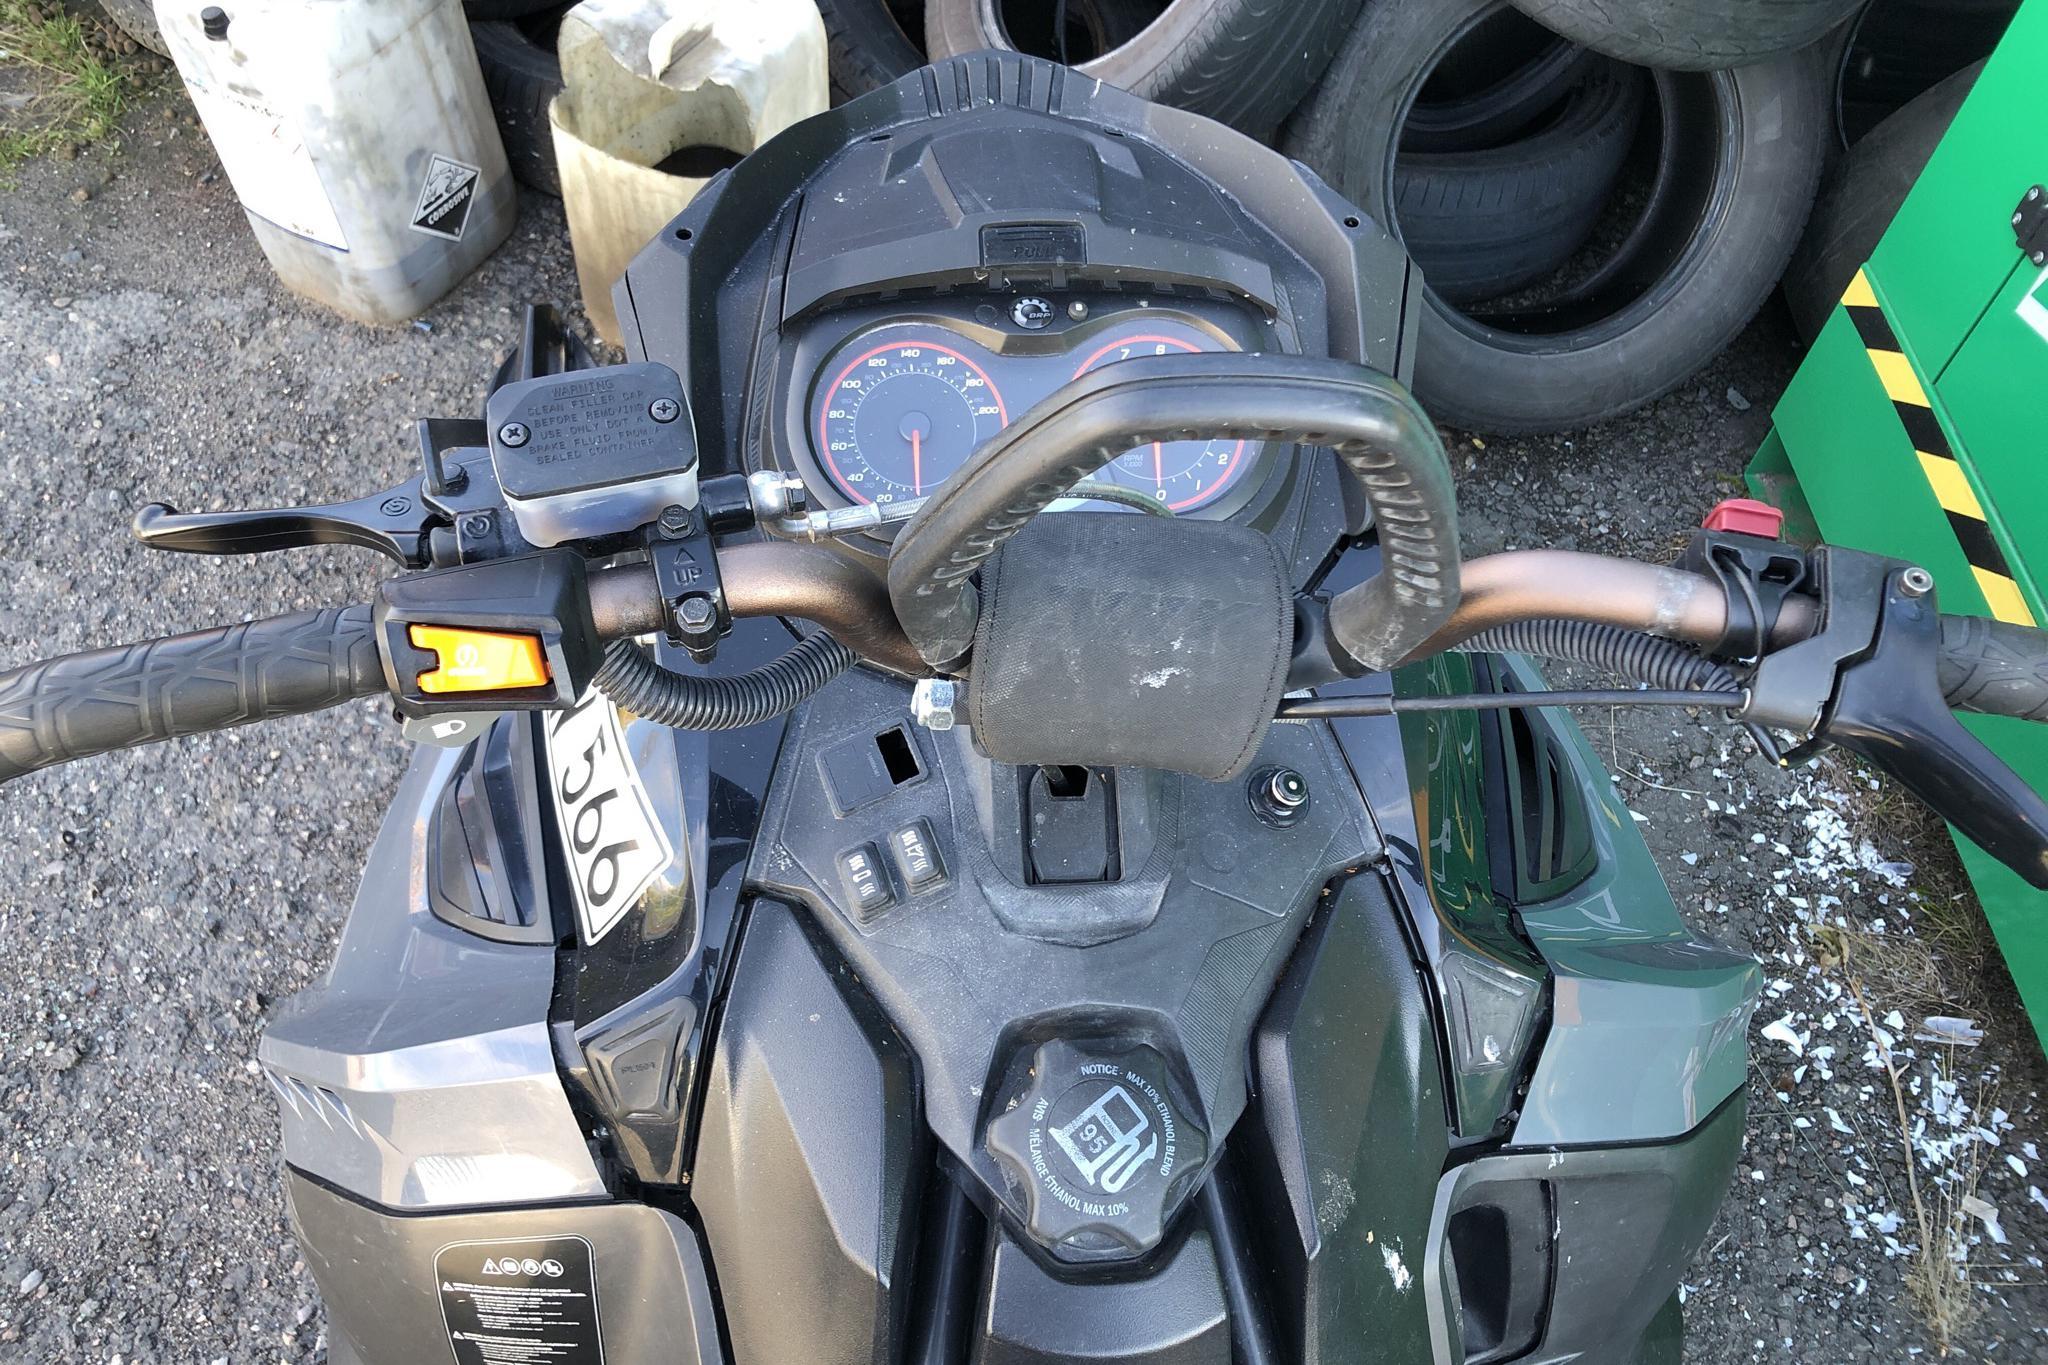 LYNX BOONDOCKER 600 E-TEC 3900 Snöskoter - 466 mil - Automat - Dark Grey - 2014